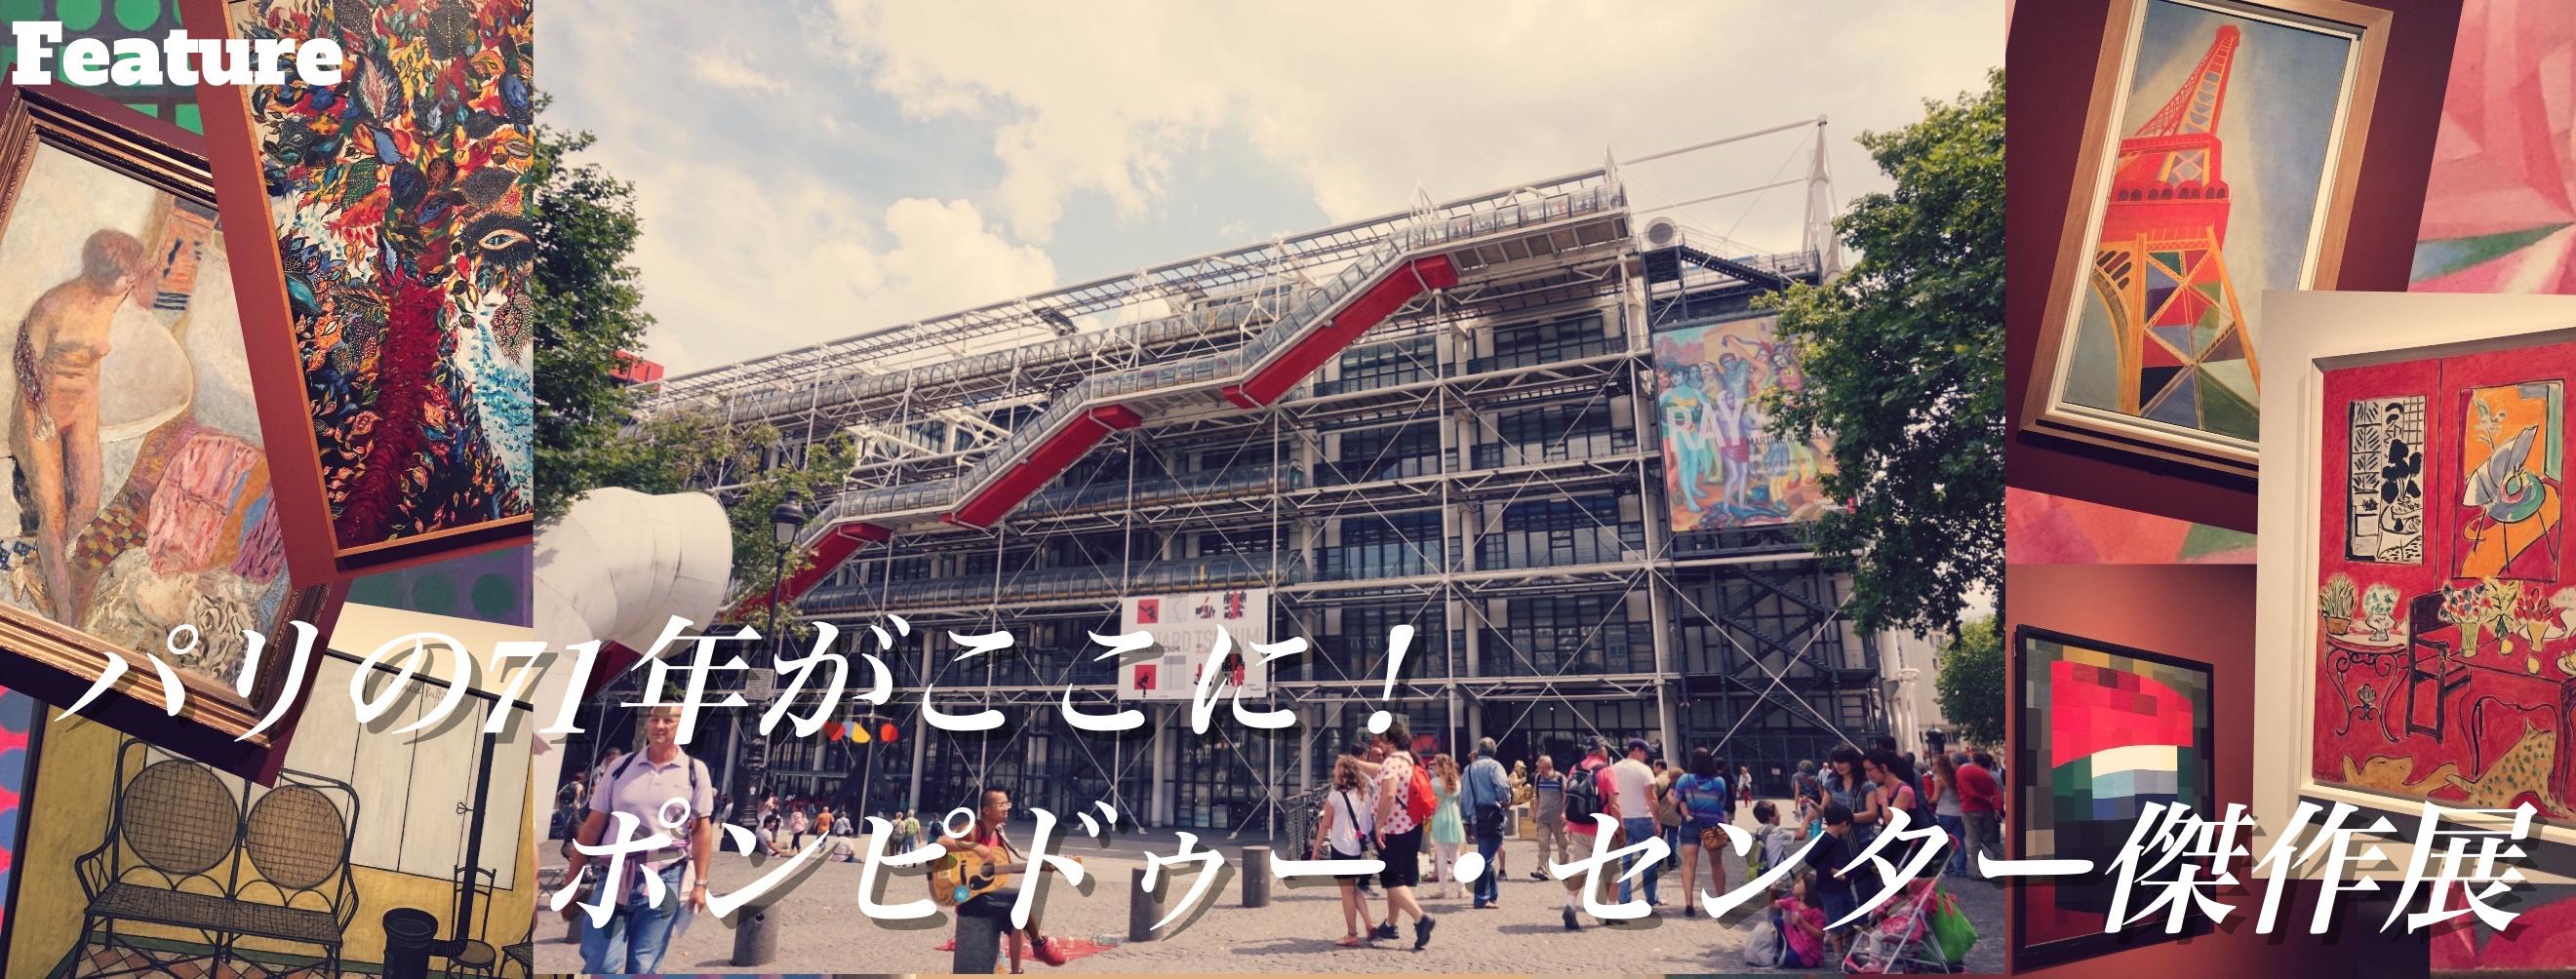 パリの71年間がここに! ポンピドゥー・センター傑作展